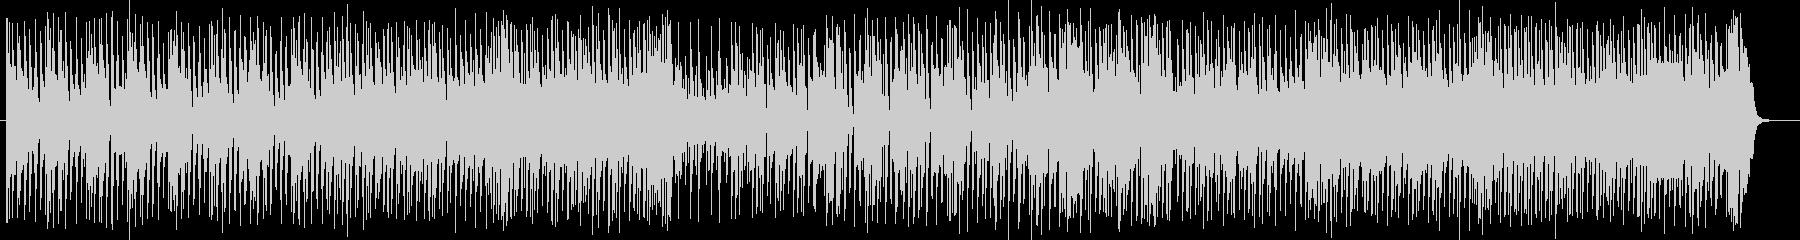 '80年代フュージョン的な明るいBGMの未再生の波形